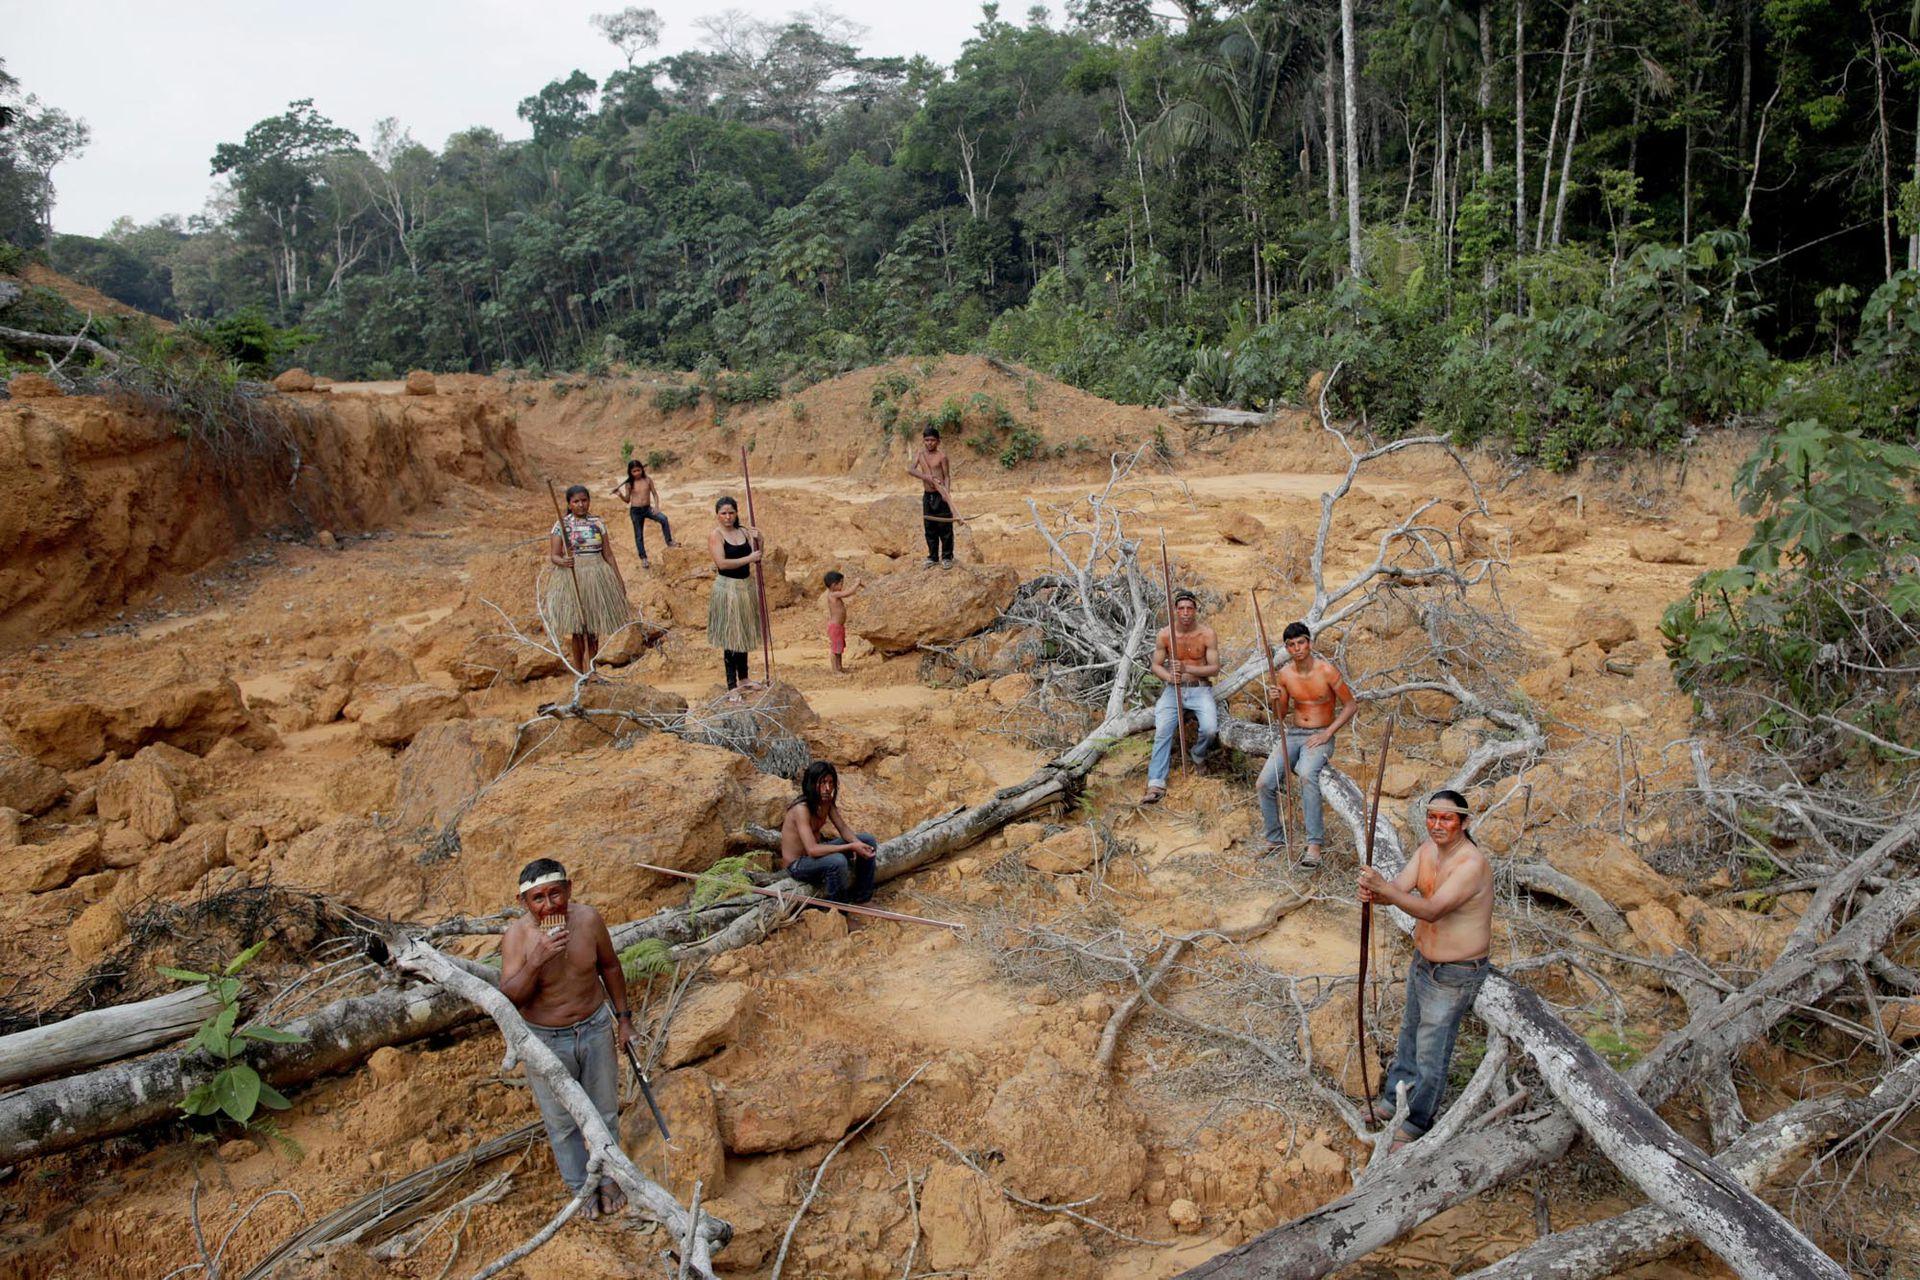 Los pueblos indígenas de la tribu Mura muestran un área deforestada en tierras indígenas sin marcar dentro de la selva amazónica cerca de Humaita